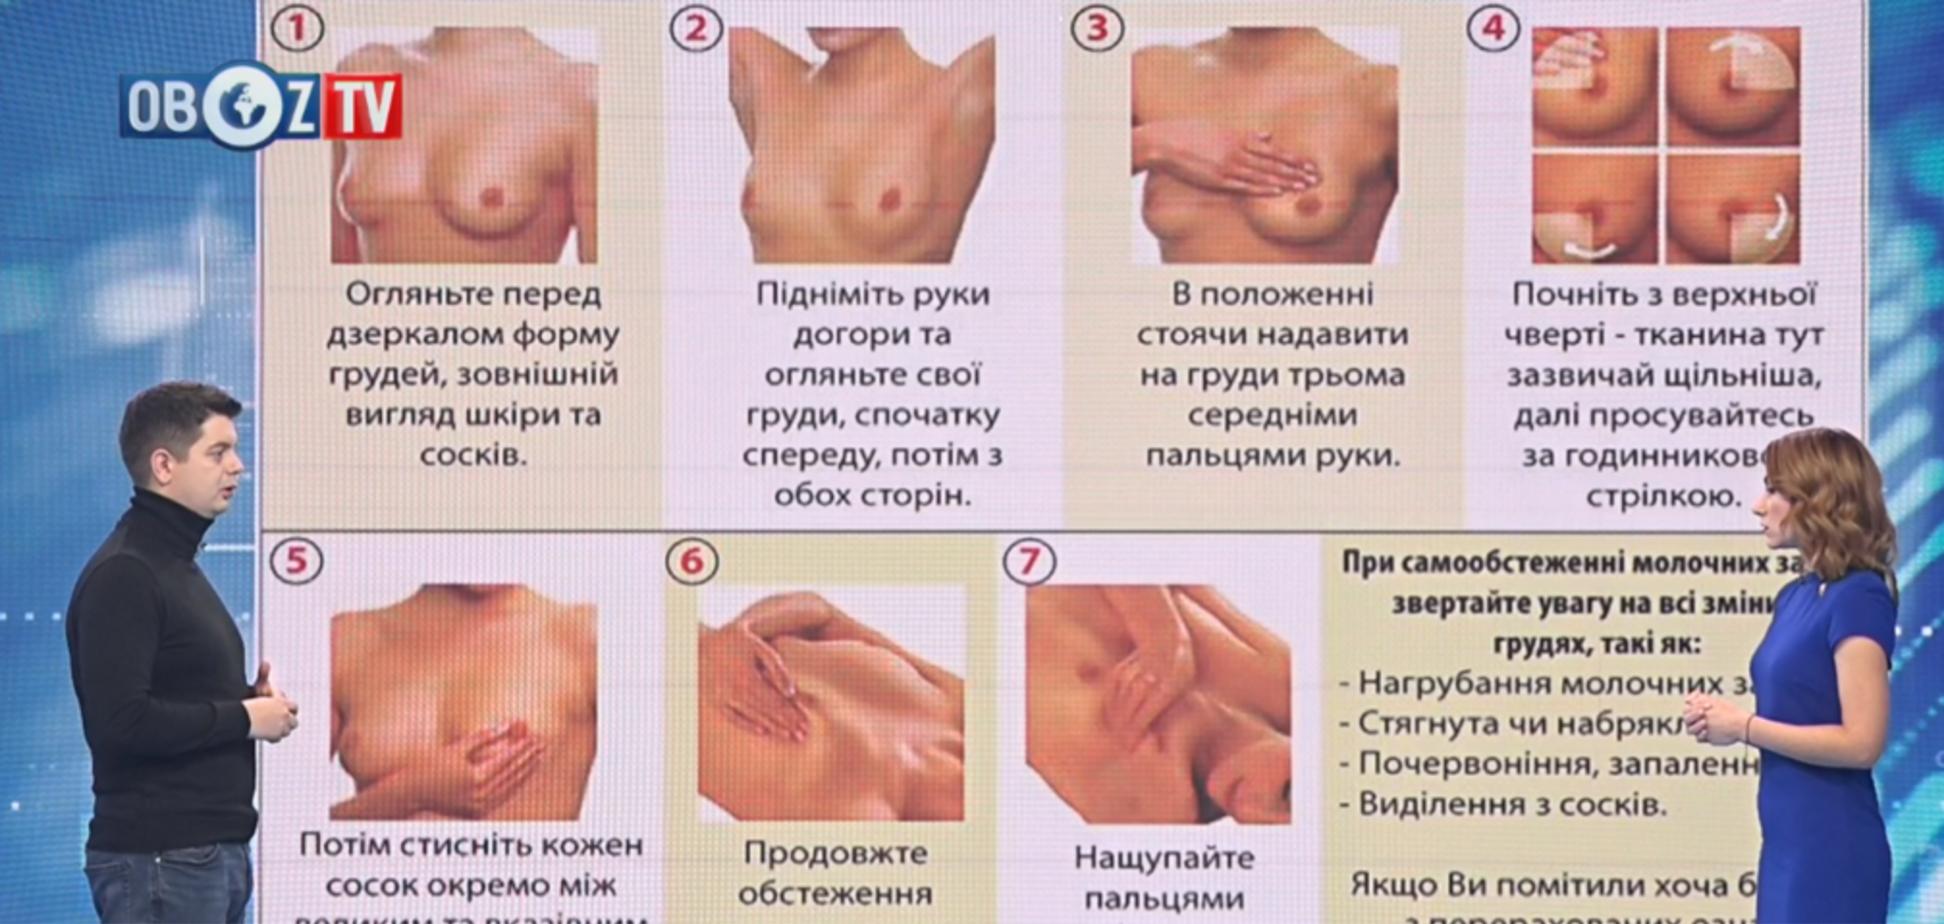 Самообследование молочной железы: врач-онколог предостерег от заблуждений